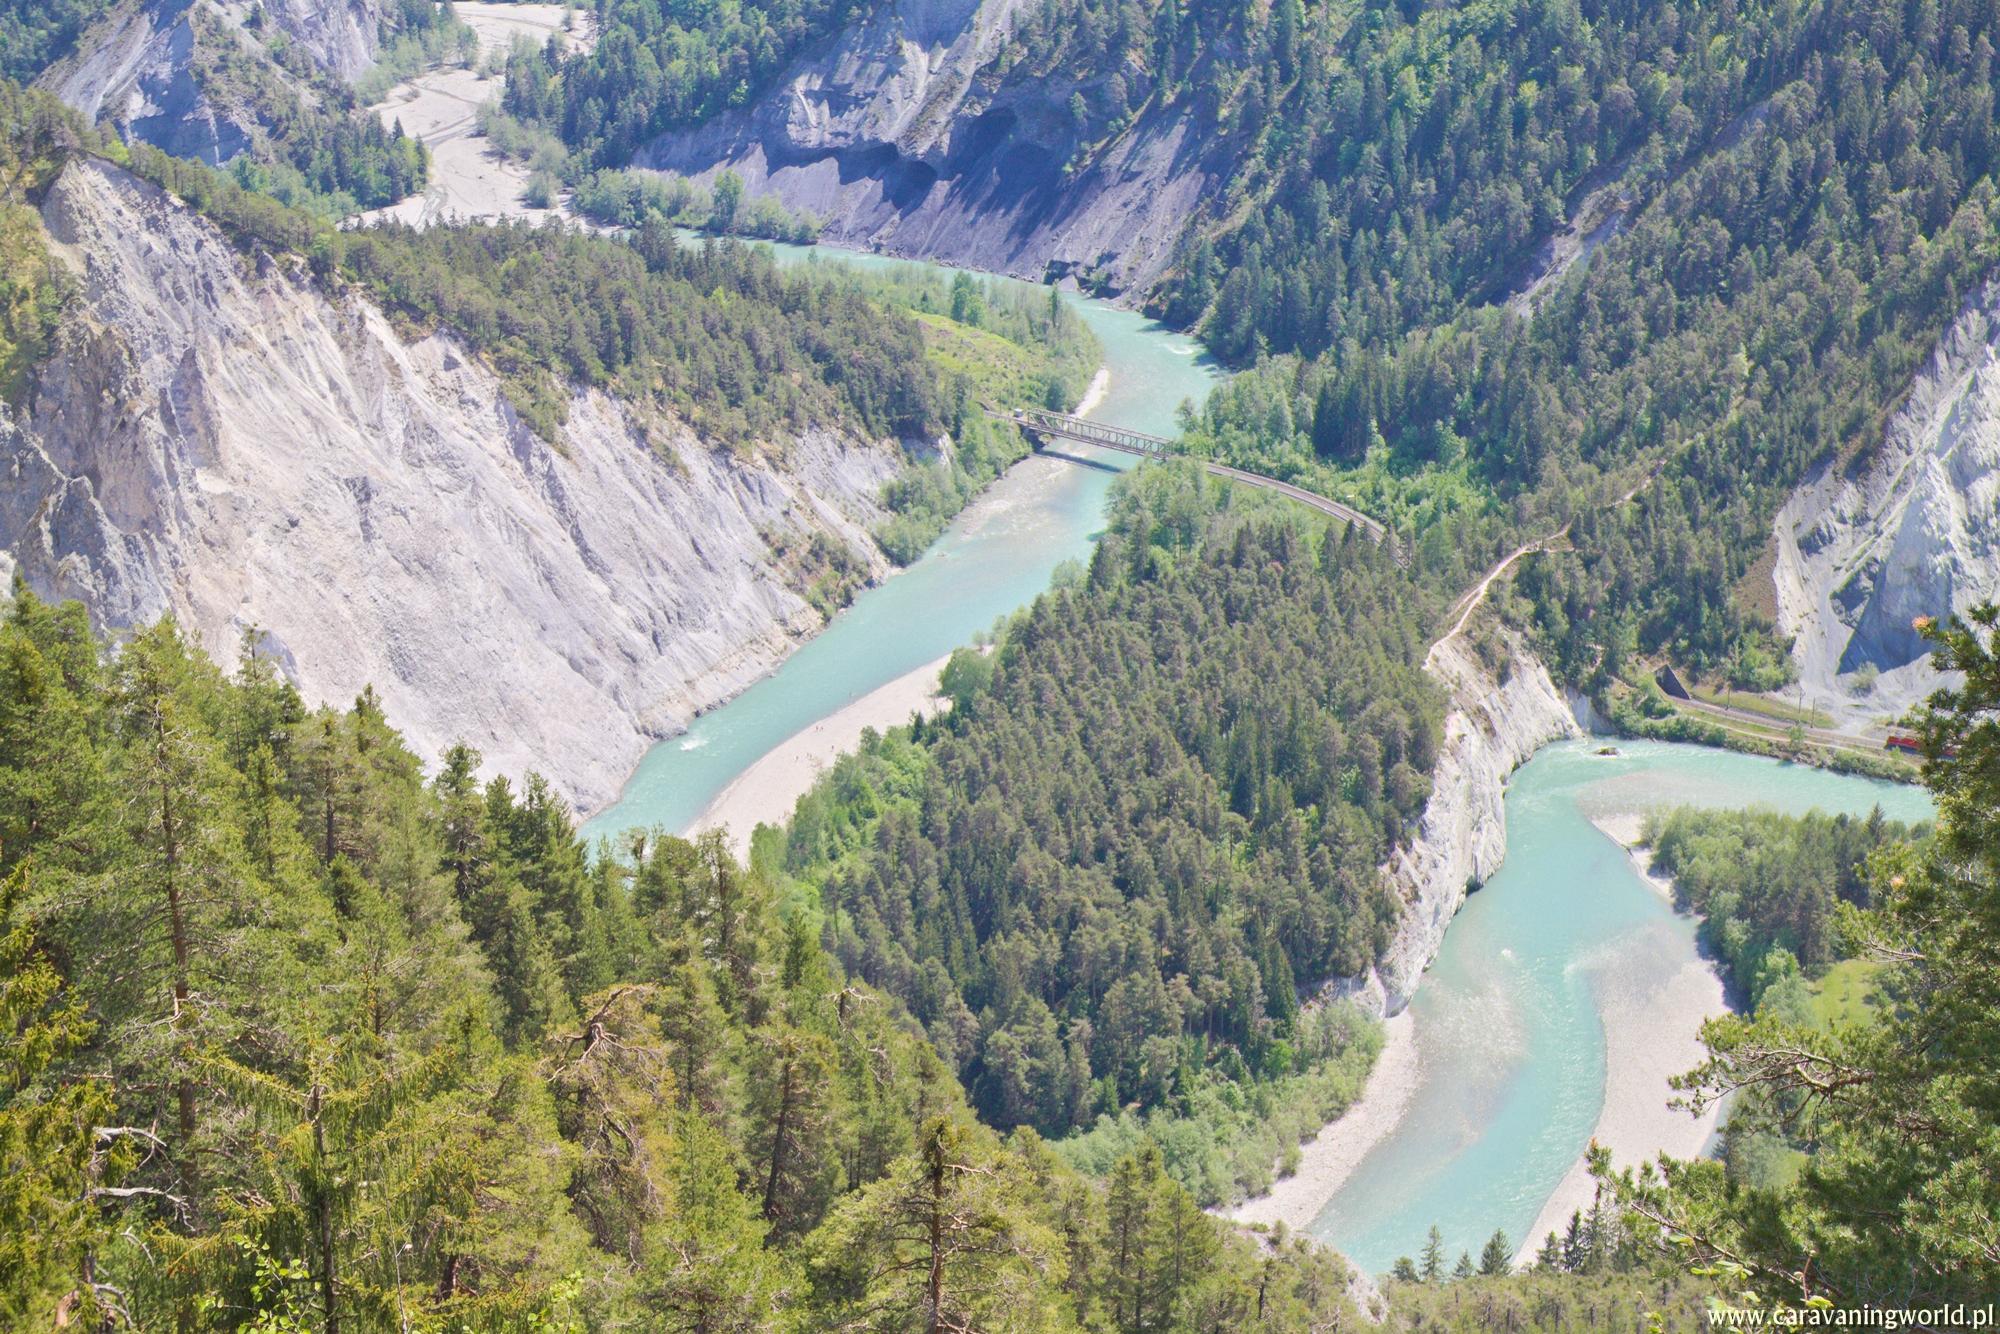 Ruinaulta - Wielki Kanion Szwajcarii